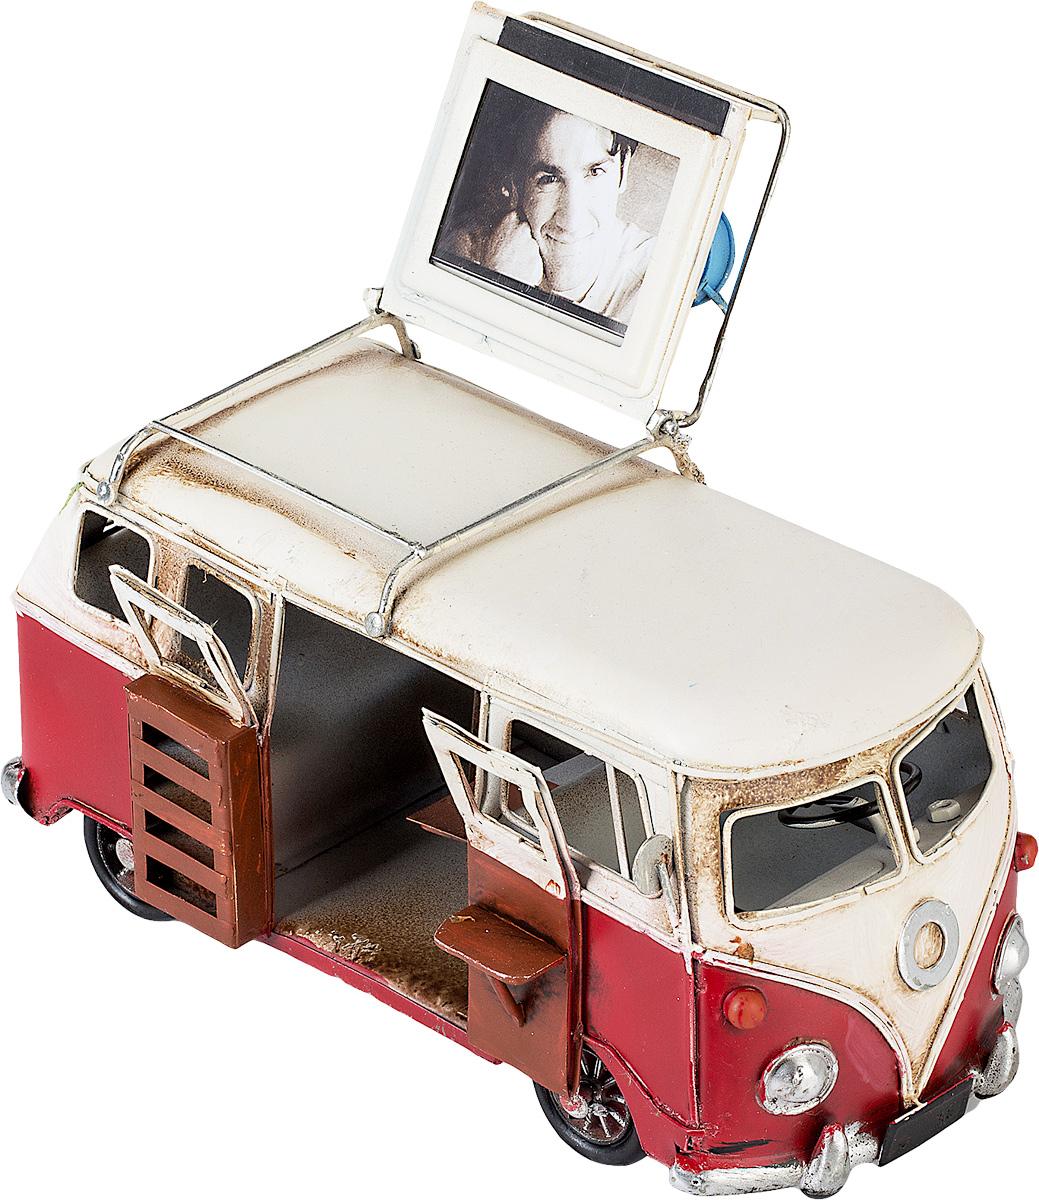 Модель Platinum Автобус, с фоторамкой. 1404E-4355V4140/1SМодель Platinum Автобус, выполненная из металла, станет оригинальным украшением вашего интерьера. Вы можете поставить модель автобуса в любом месте, где она будет удачно смотреться.Изделие дополнено фоторамкой, куда вы можете вставить вашу любимую фотографию.Качество исполнения, точные детали и оригинальный дизайн выделяют эту модель среди ряда подобных. Модель займет достойное место в вашей коллекции, а также приятно удивит получателя в качестве стильного сувенира.Размер фотографии: 4 х 5 см.